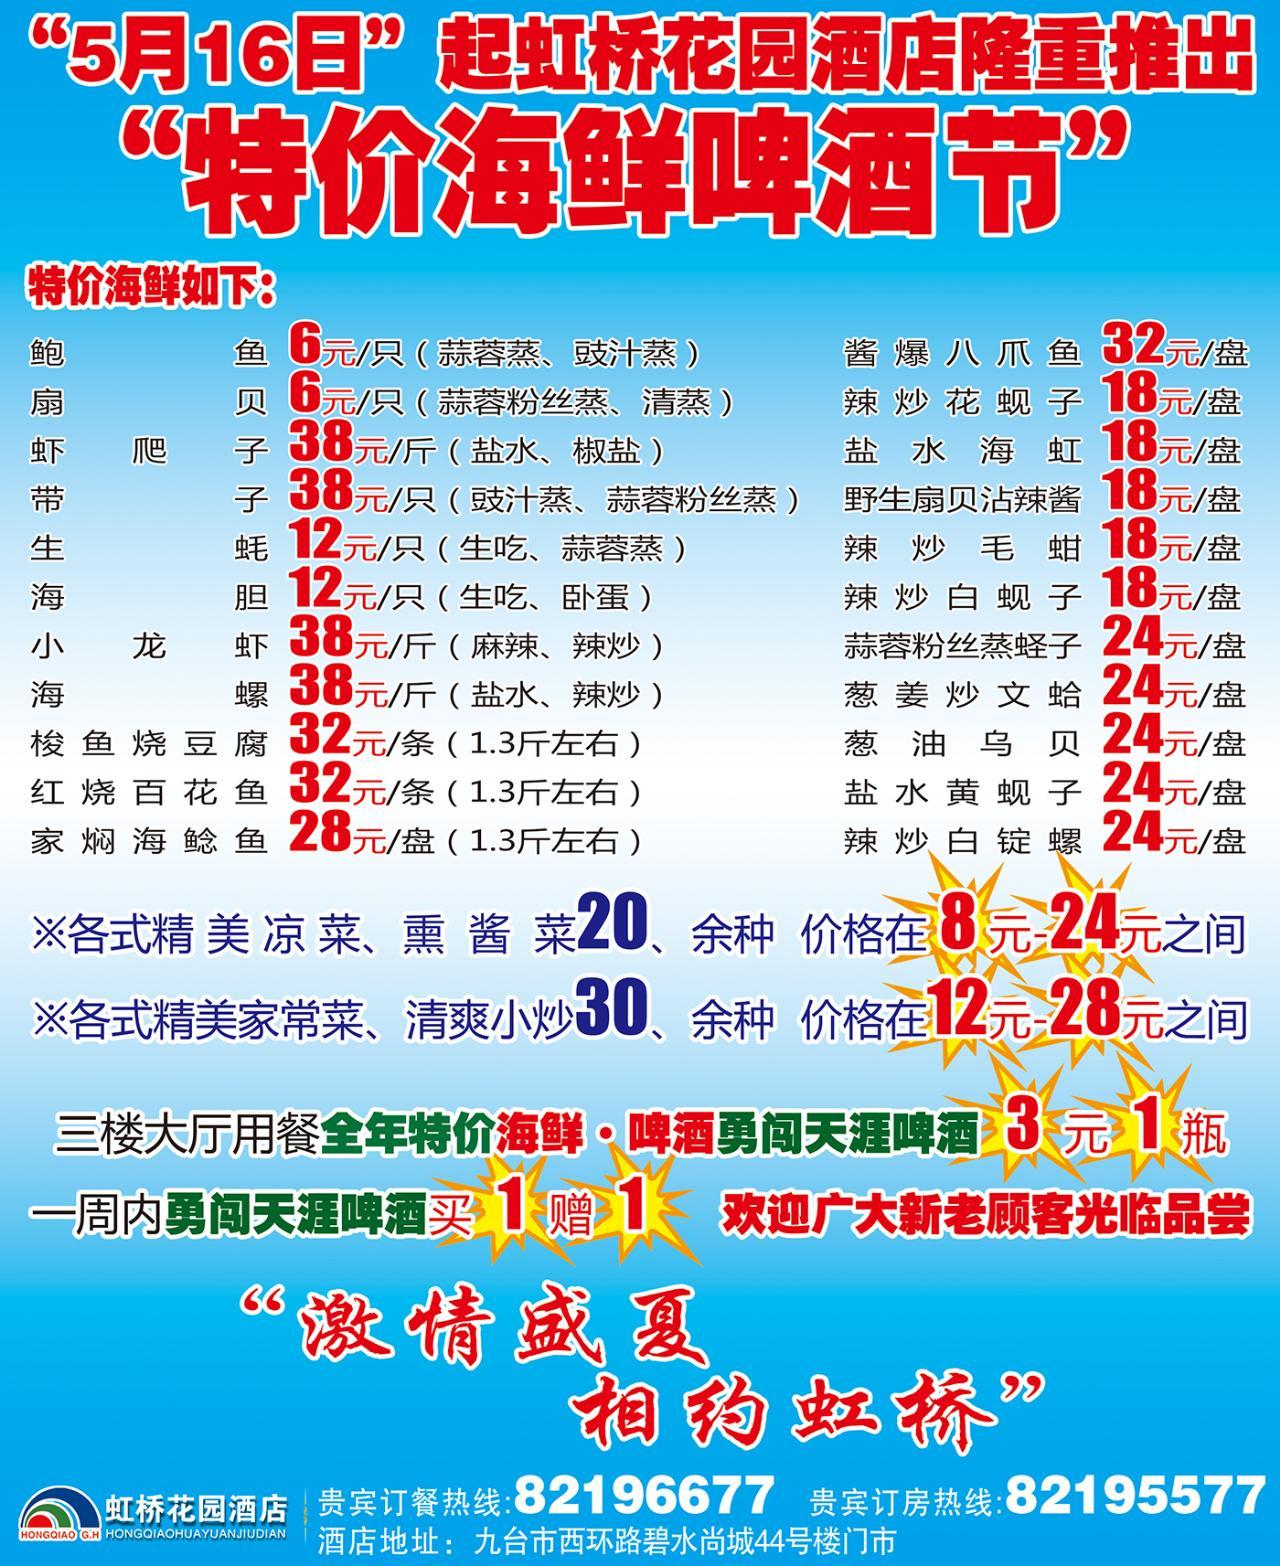 虹桥花园酒店特价海鲜啤酒节 - 九台促销活动